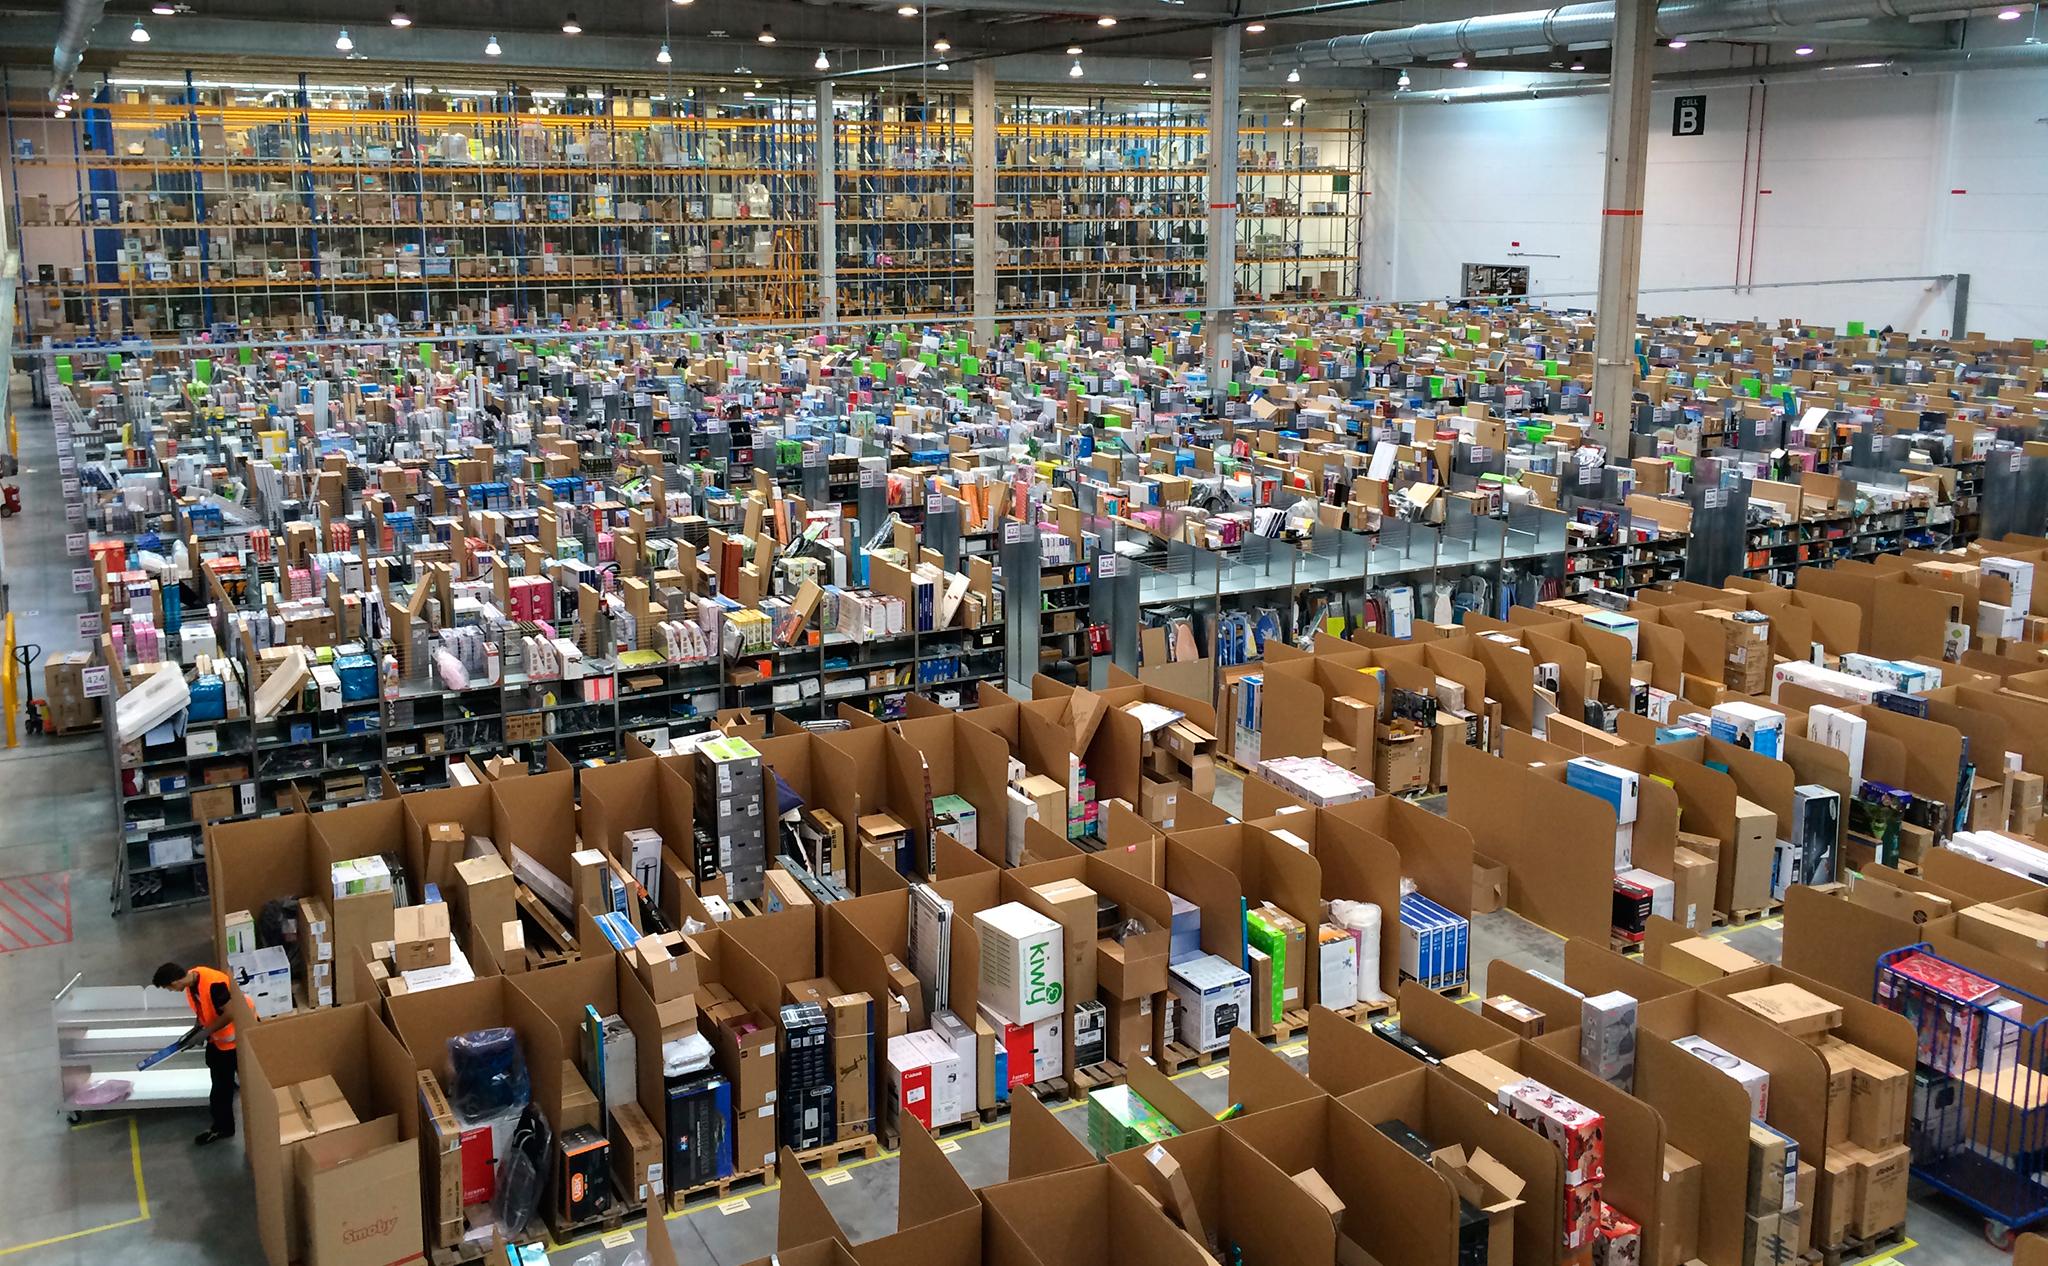 Amazon raktár Spanyolországban, pokol lehet itt dolgozni (Fotó: Wikimedia Commons)